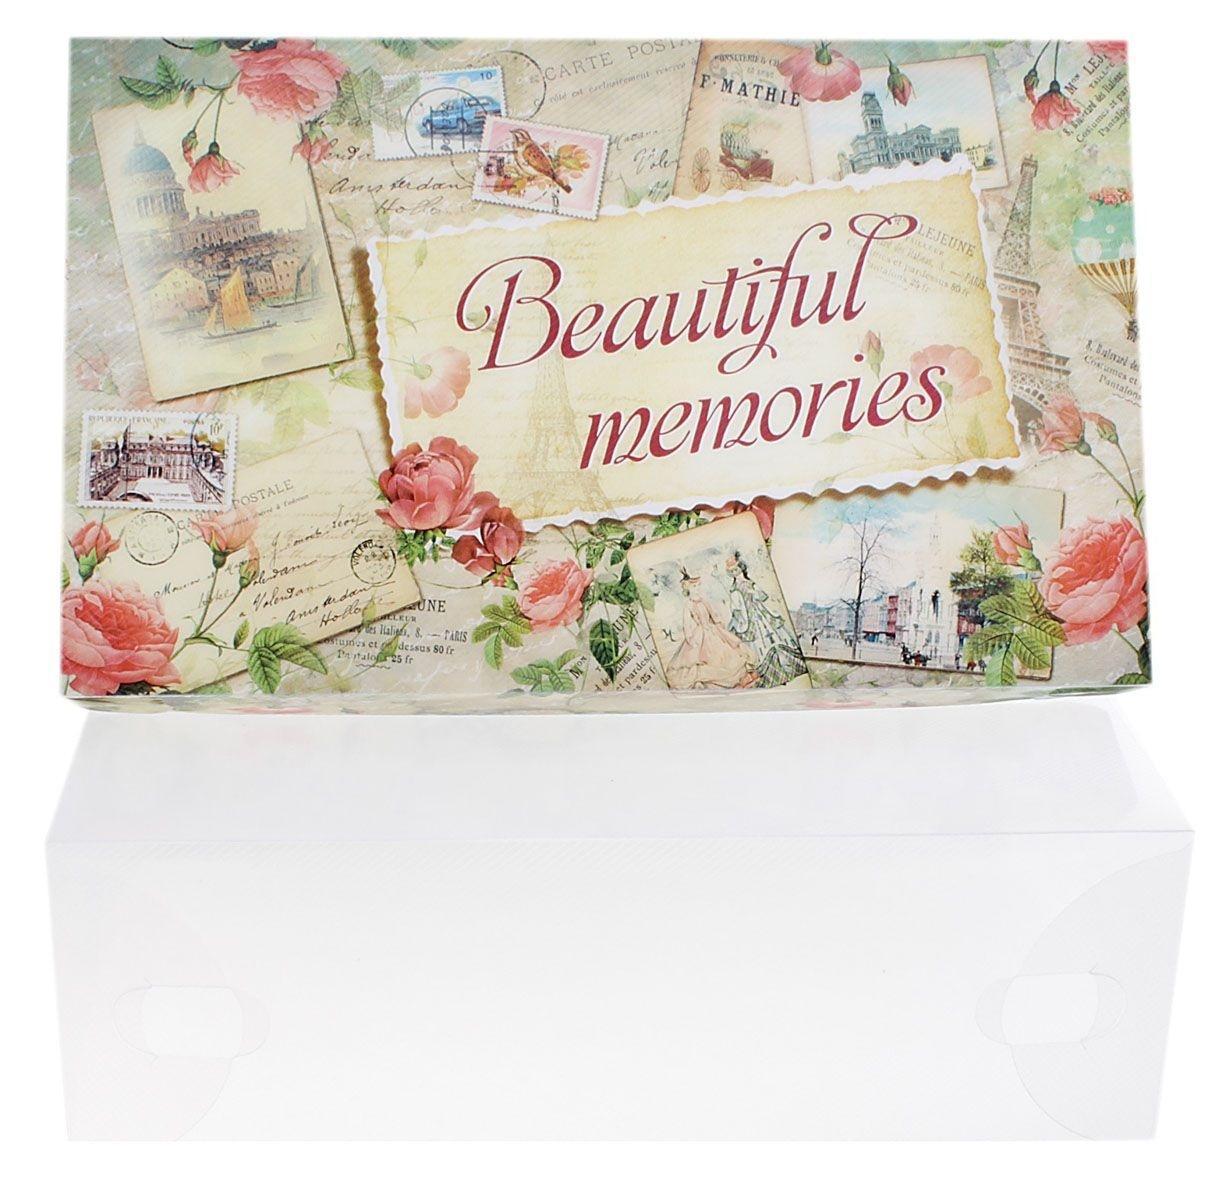 """Коробка для хранения Sima-land """"Beautiful Memories"""" изготовлена из высококачественного прозрачного пластика. Она поможет аккуратно хранить различные вещи, мелкие аксессуары и т.д. Коробка имеет пластиковую крышку, которая украшена изображениями марок и надписью """"Beautiful Memories"""". Изделие легко собирается и не занимает много места. Коробка для хранения - идеальное решение для аккуратного хранения ваших вещей и аксессуаров."""